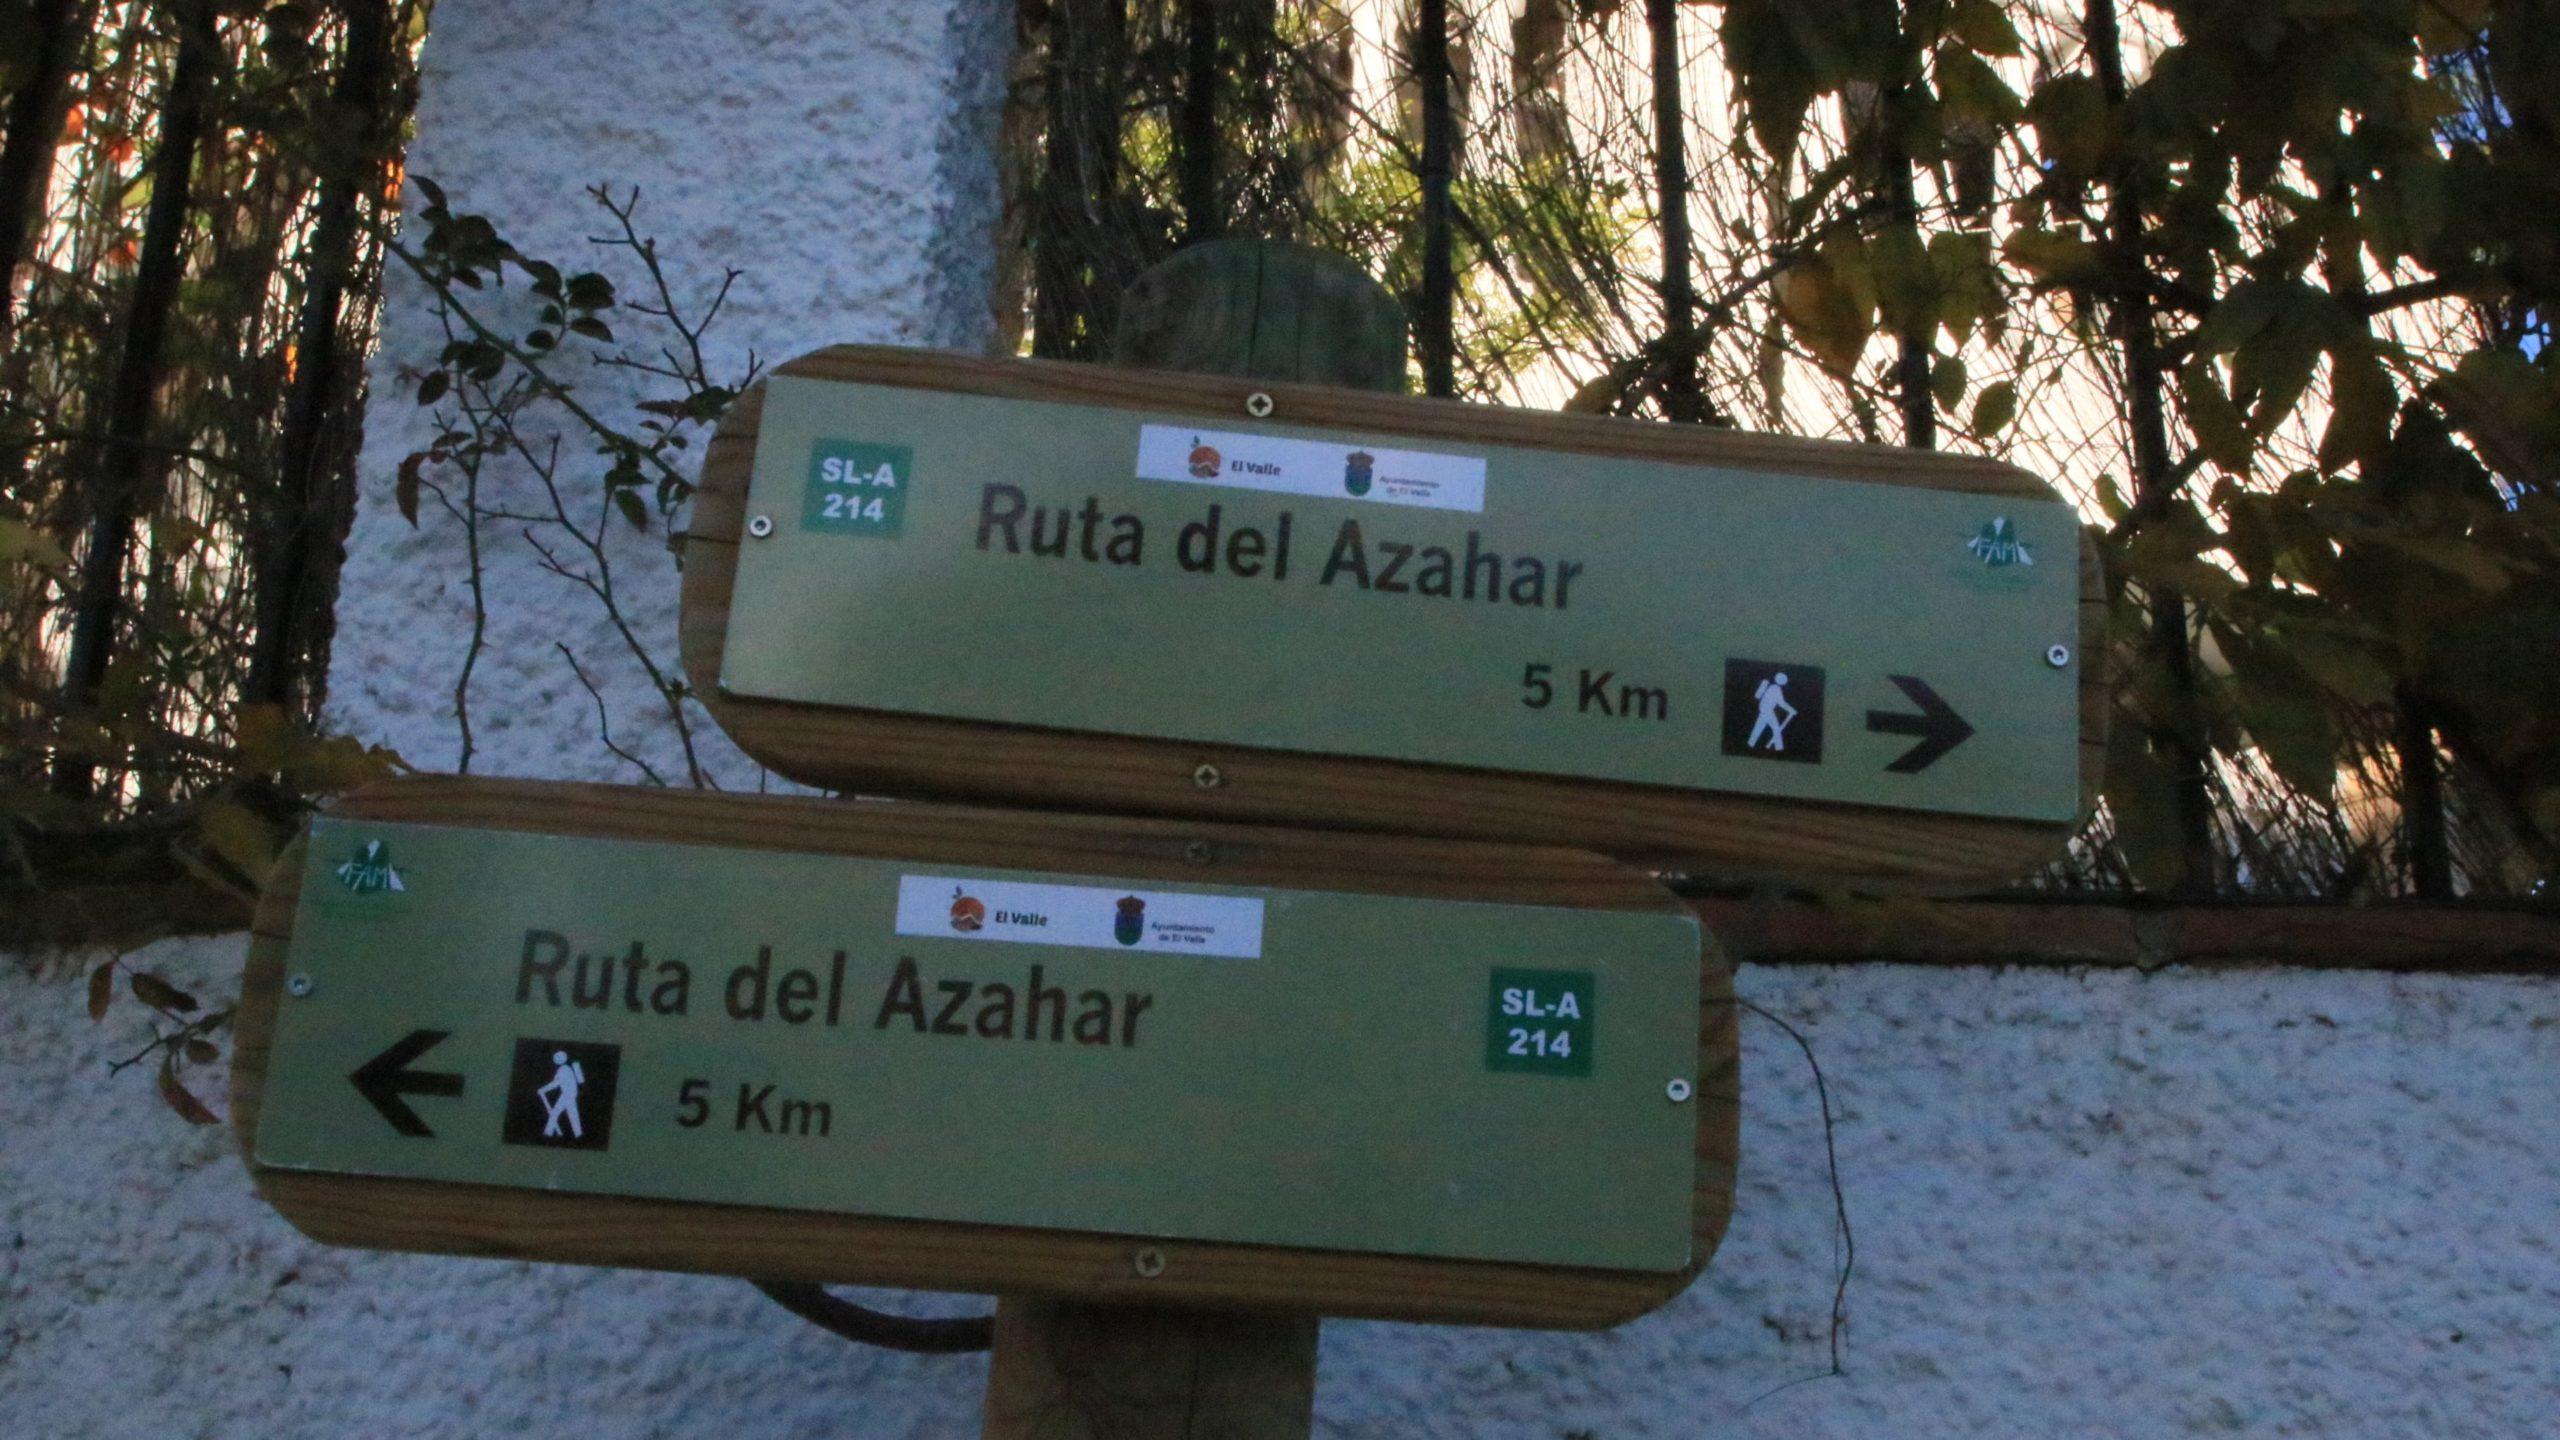 Ruta de Azahar Melegis